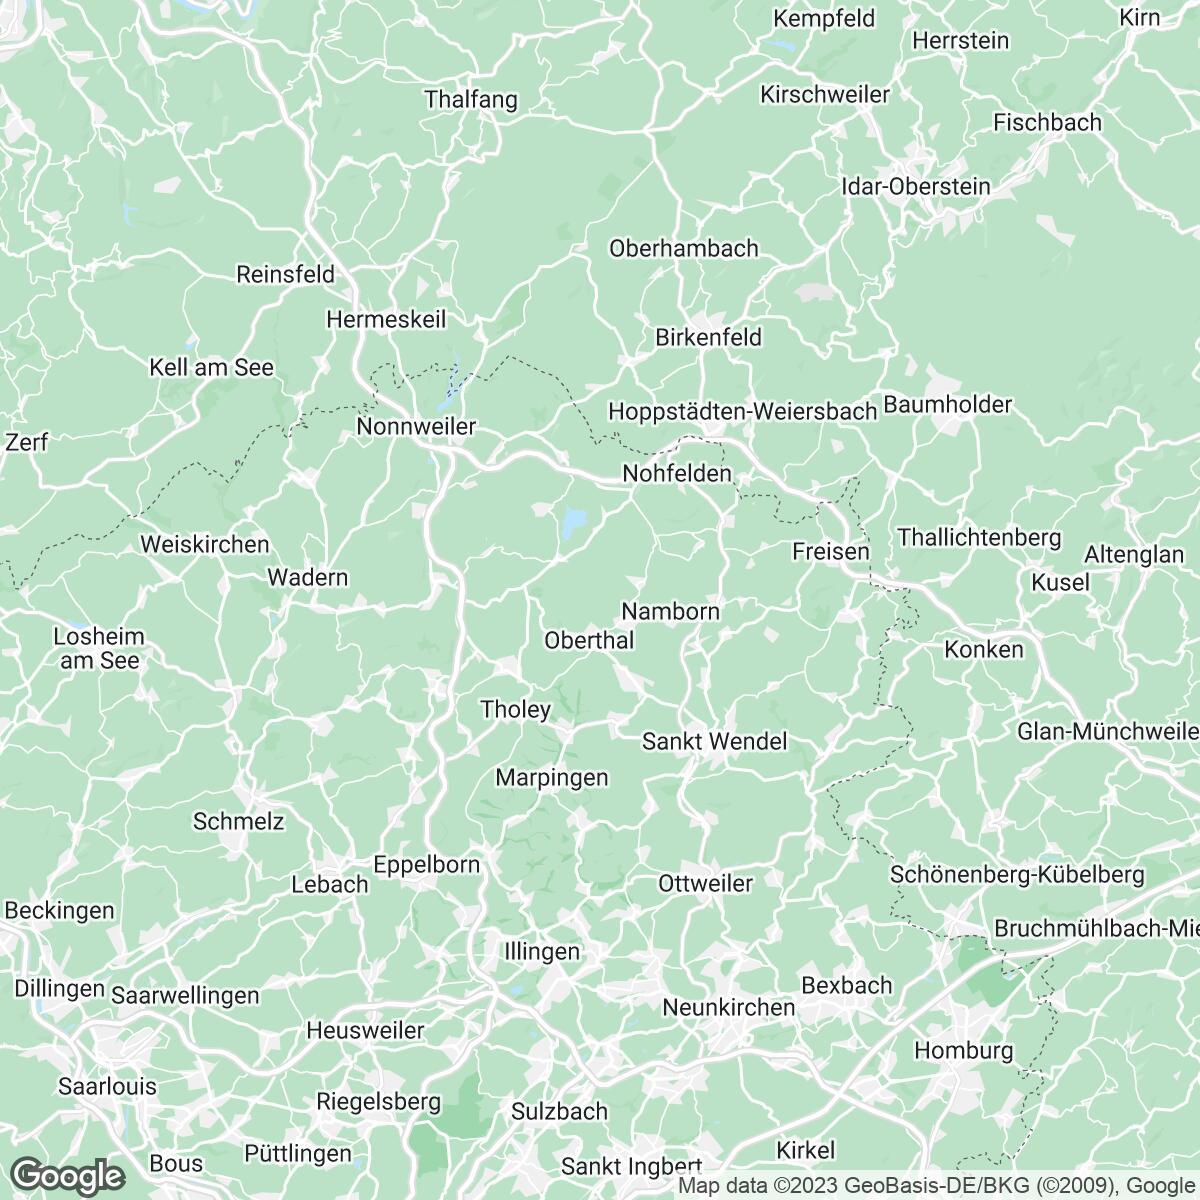 Verkaufsgebiet der Zeitungen Saarbrücker Zeitung